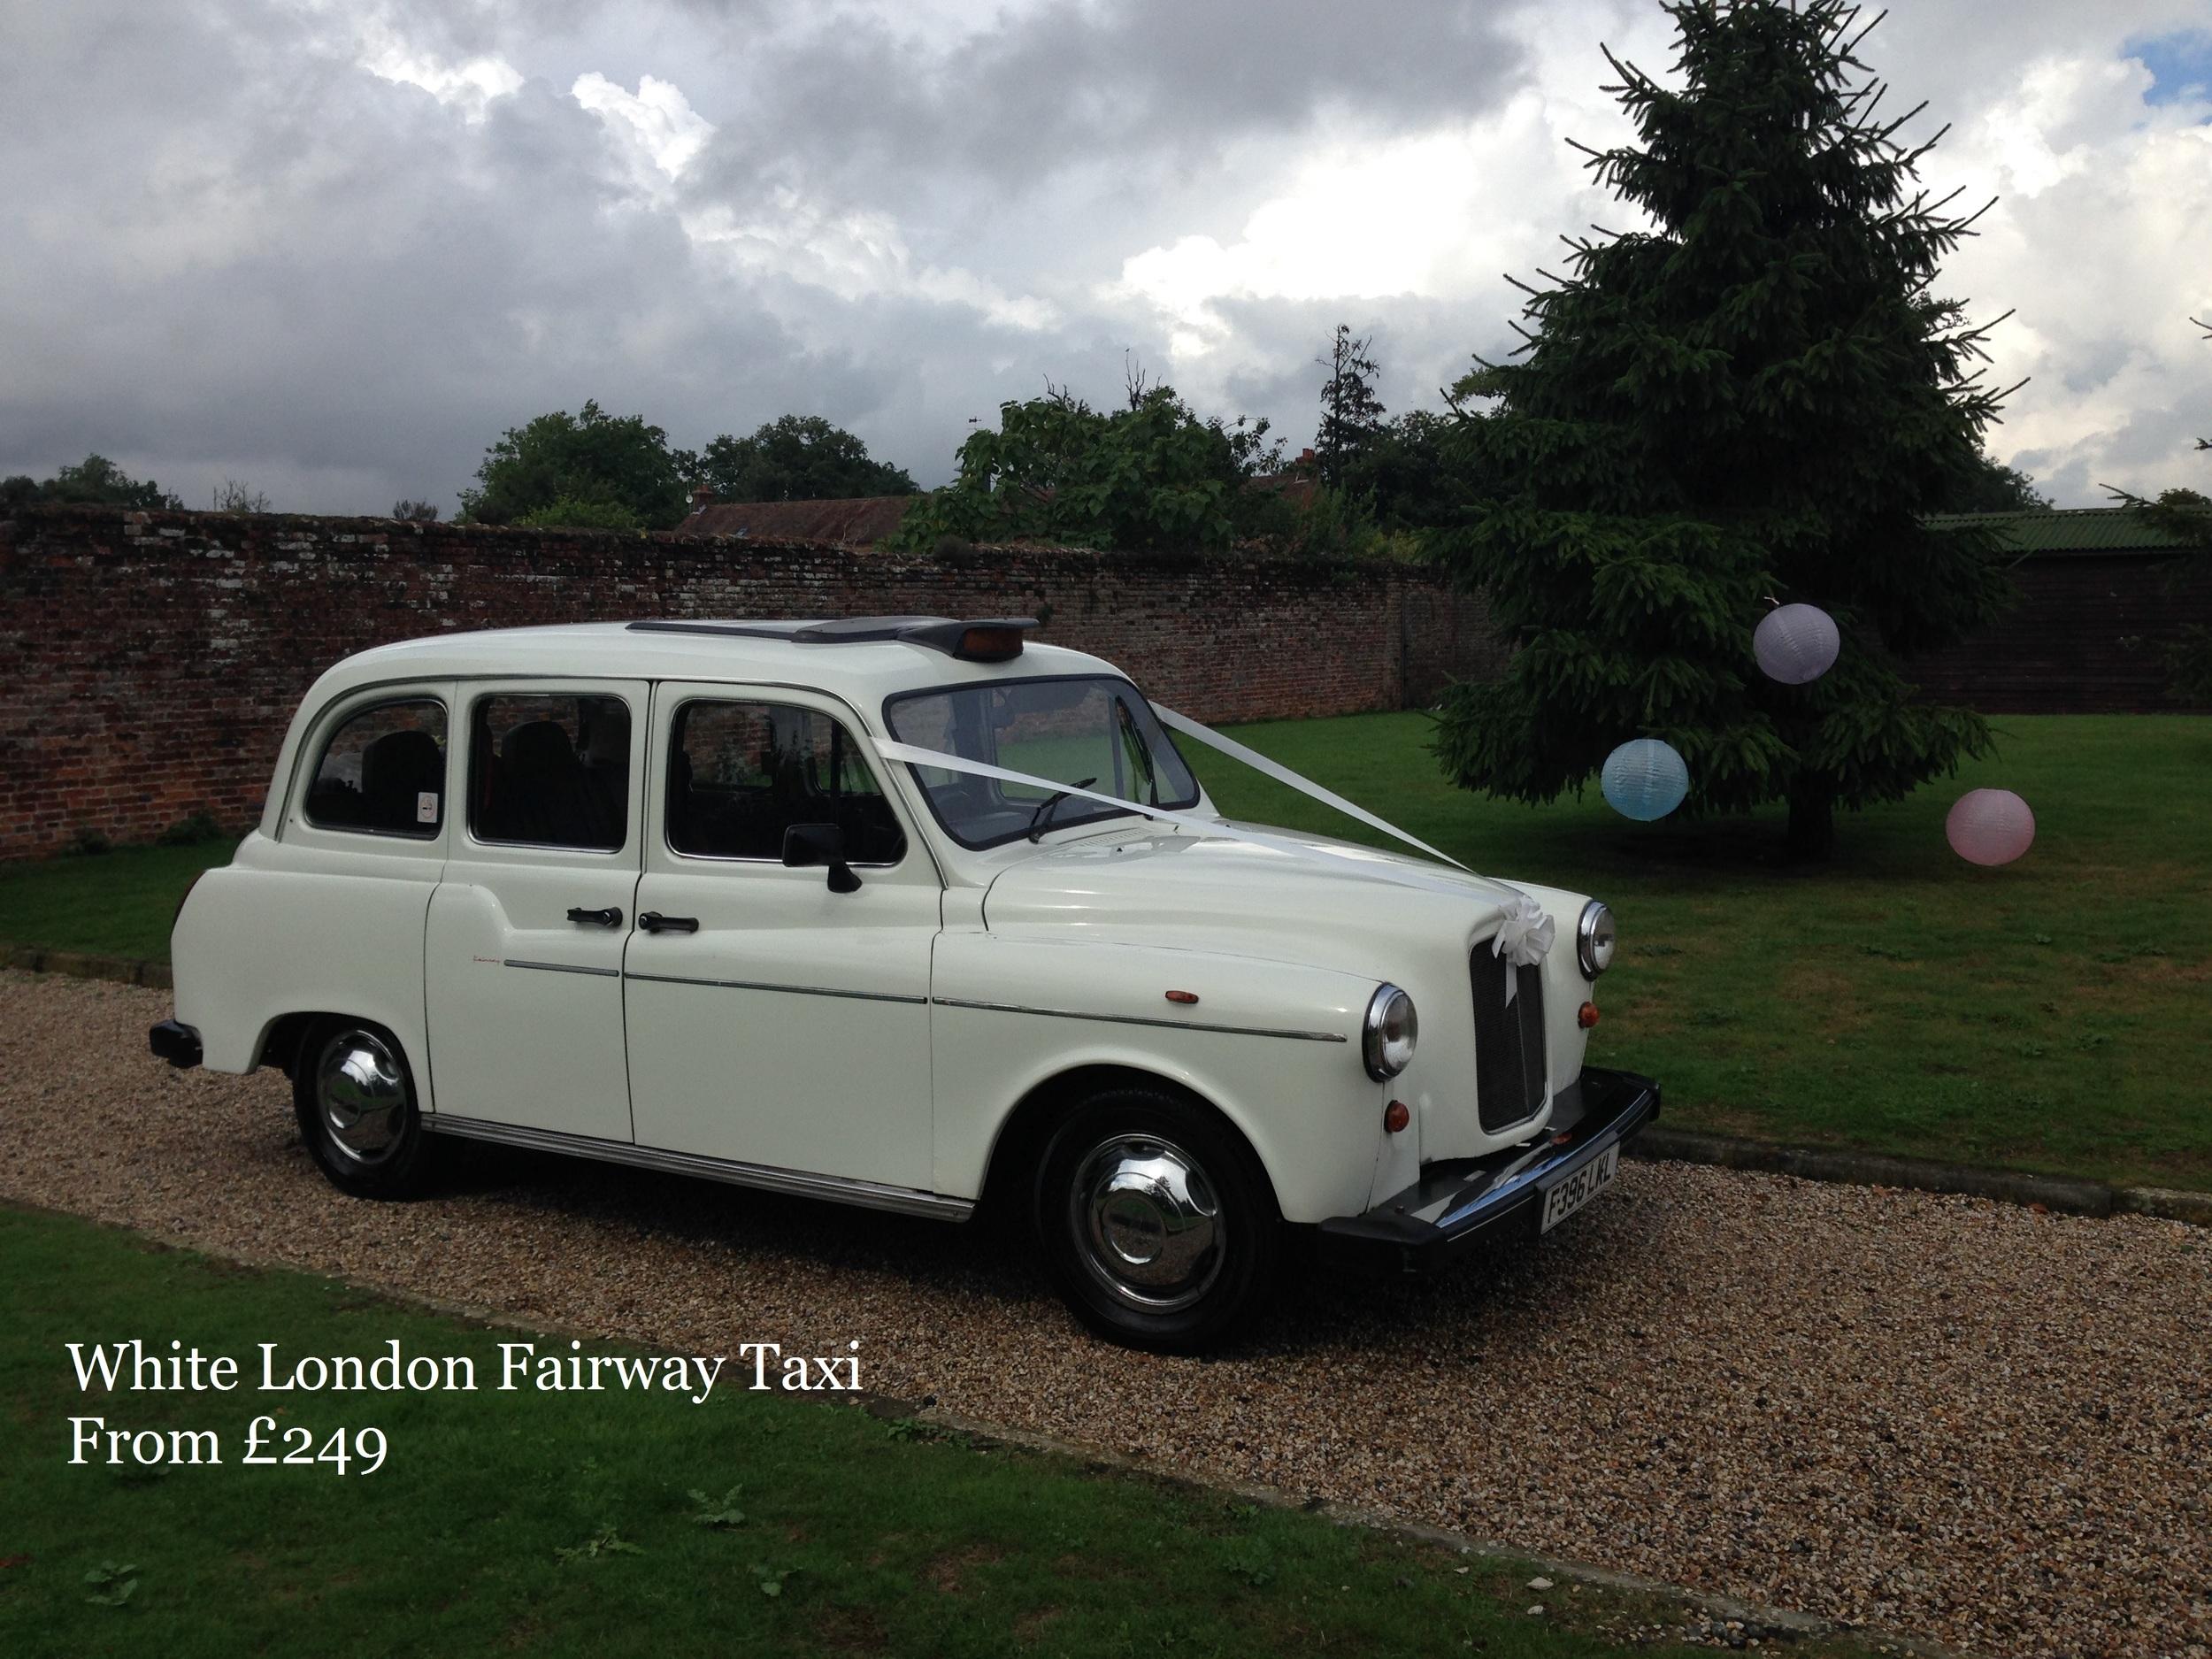 White London Fairway Taxi